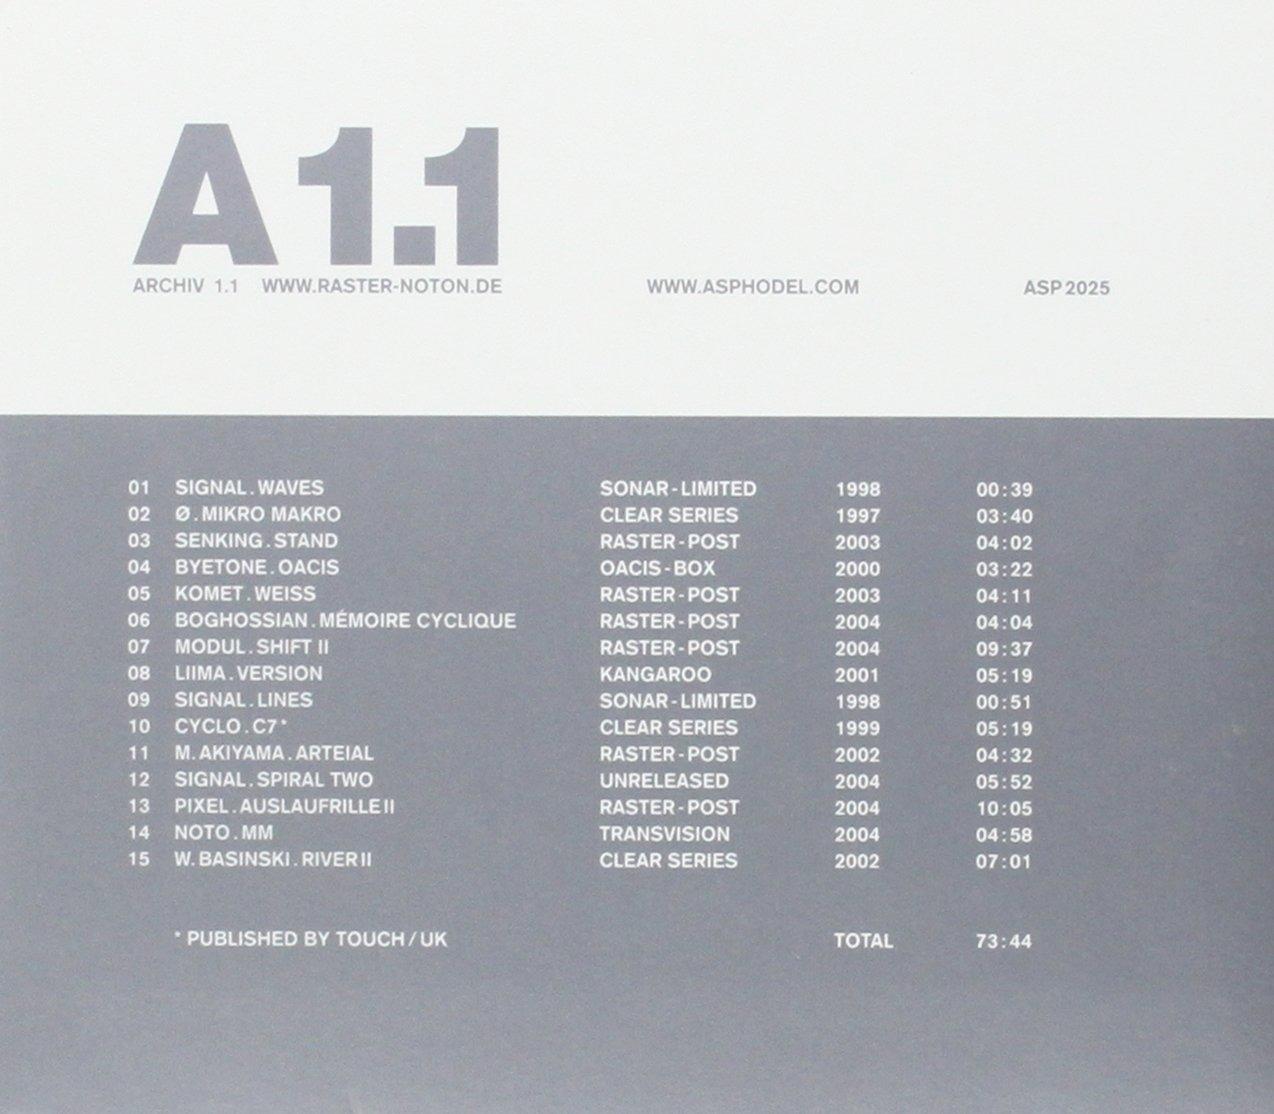 Archiv 1.1 - V/A - Musik - ASPHODEL - 0753027202529 - July 19, 2004